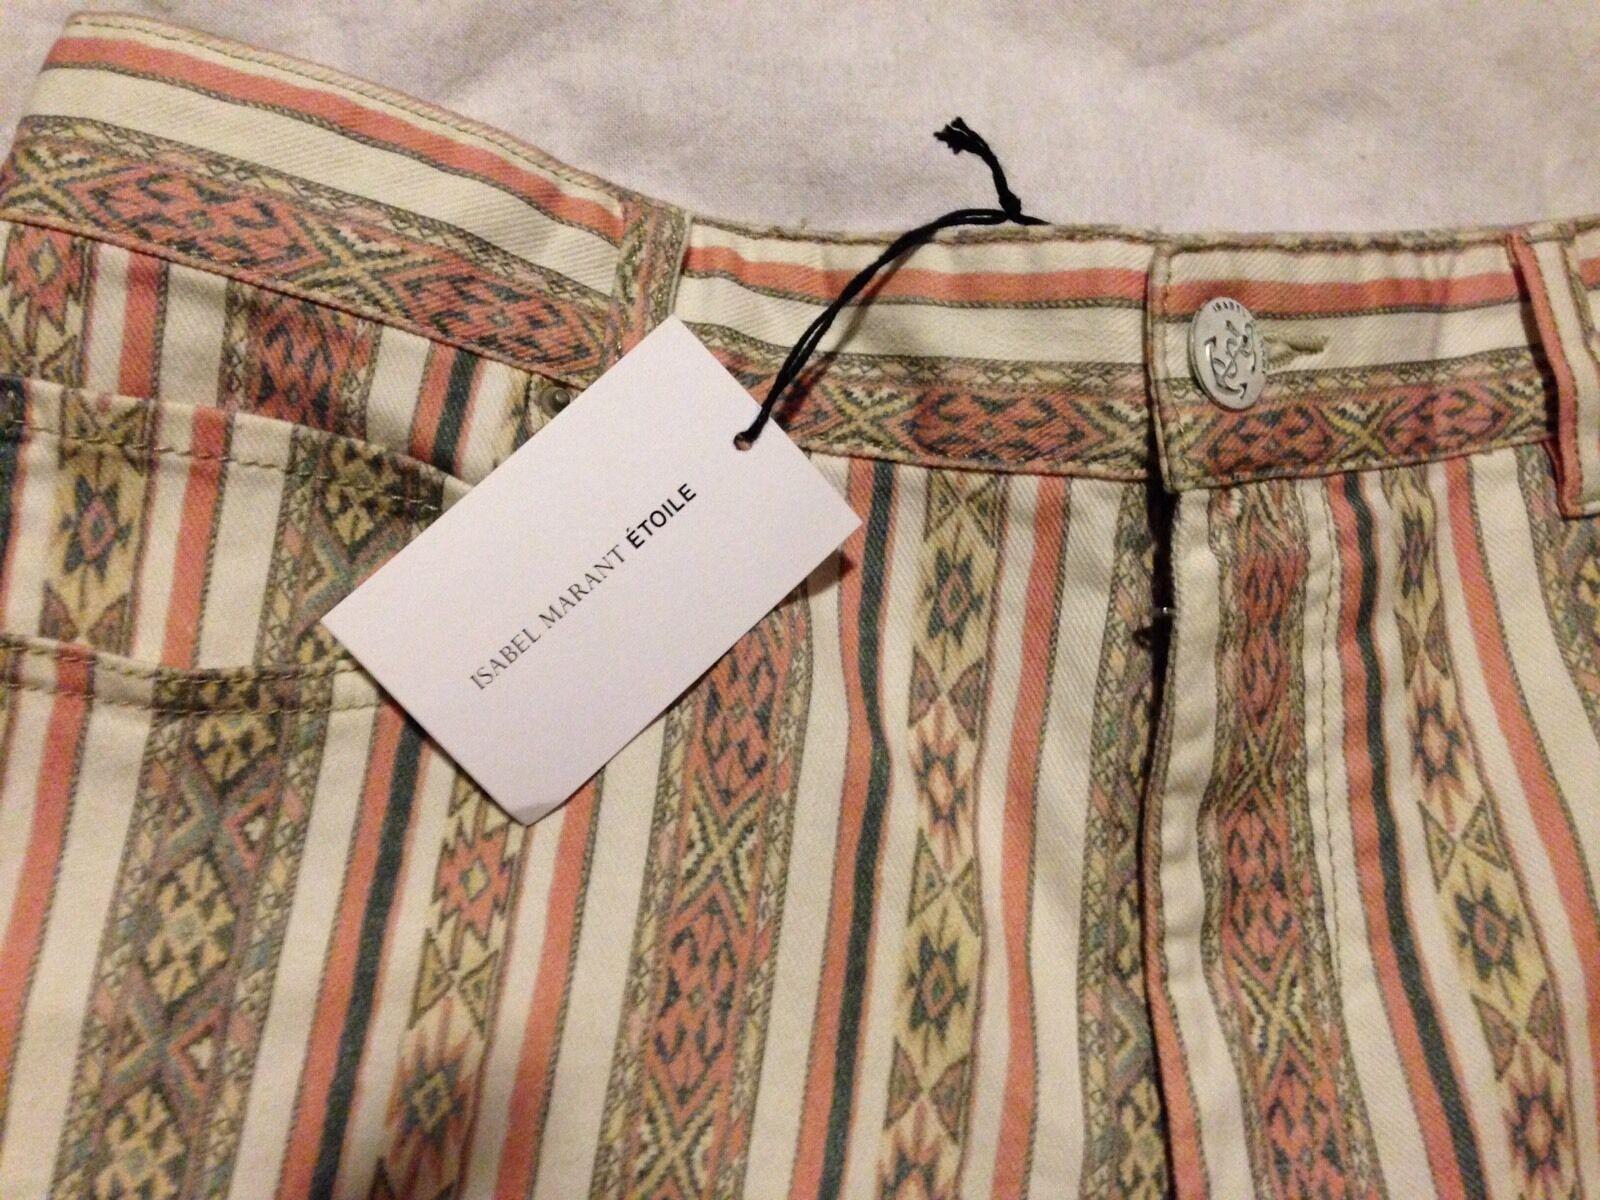 Isabel Marant NWT Tribal Boho Naomi Shorts Size 10 US FR 42